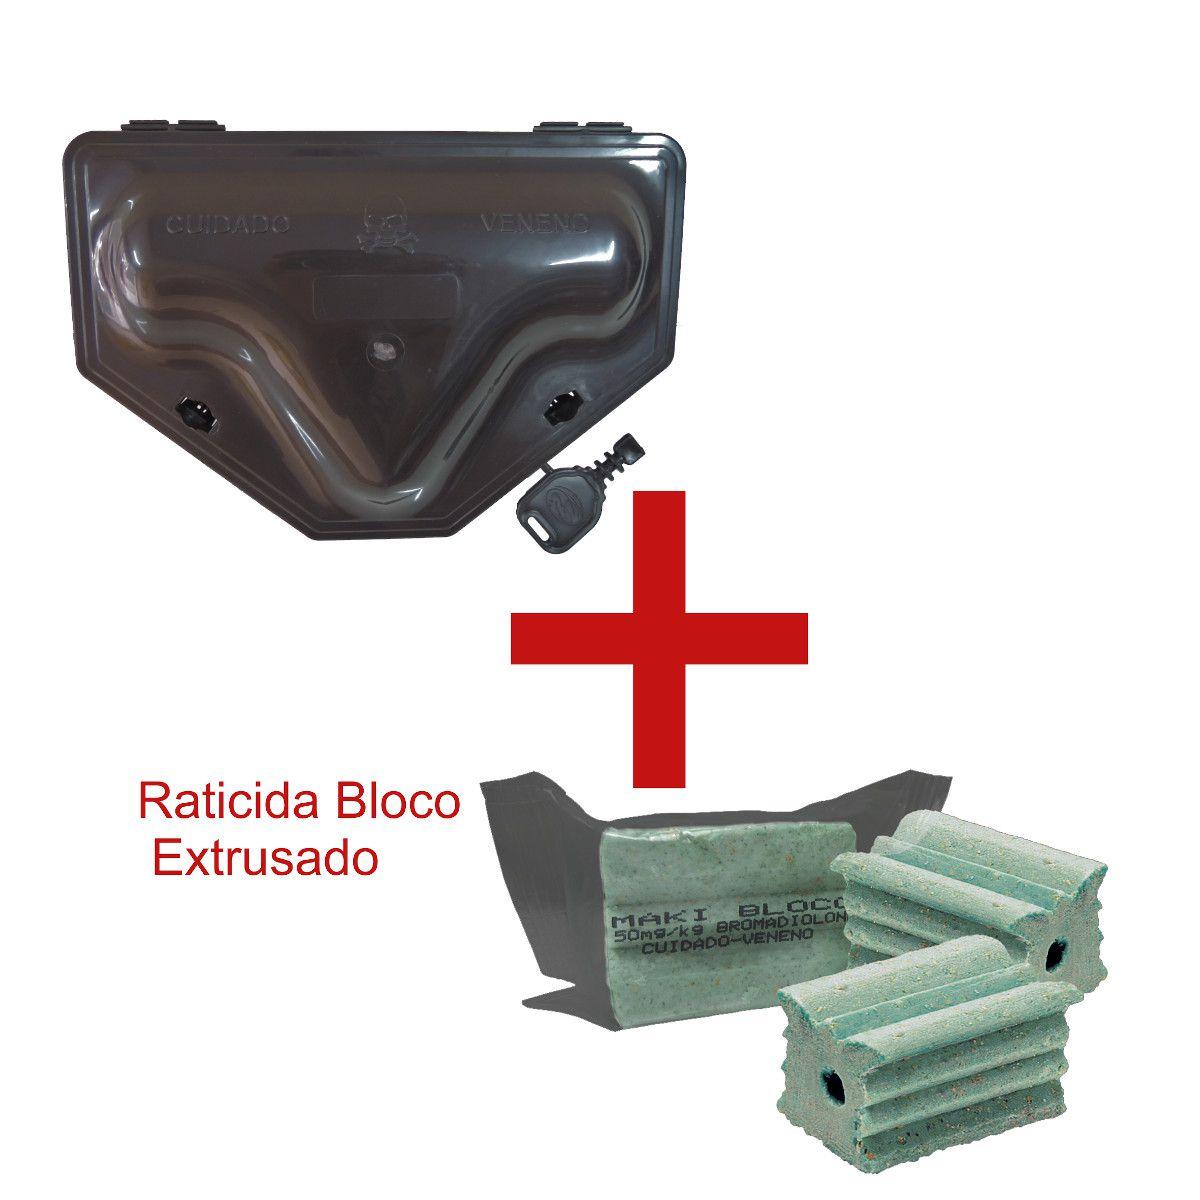 KIT 600 Porta Iscas Forte Ratoeira Mata Ratos 2 TRAVAS Chave